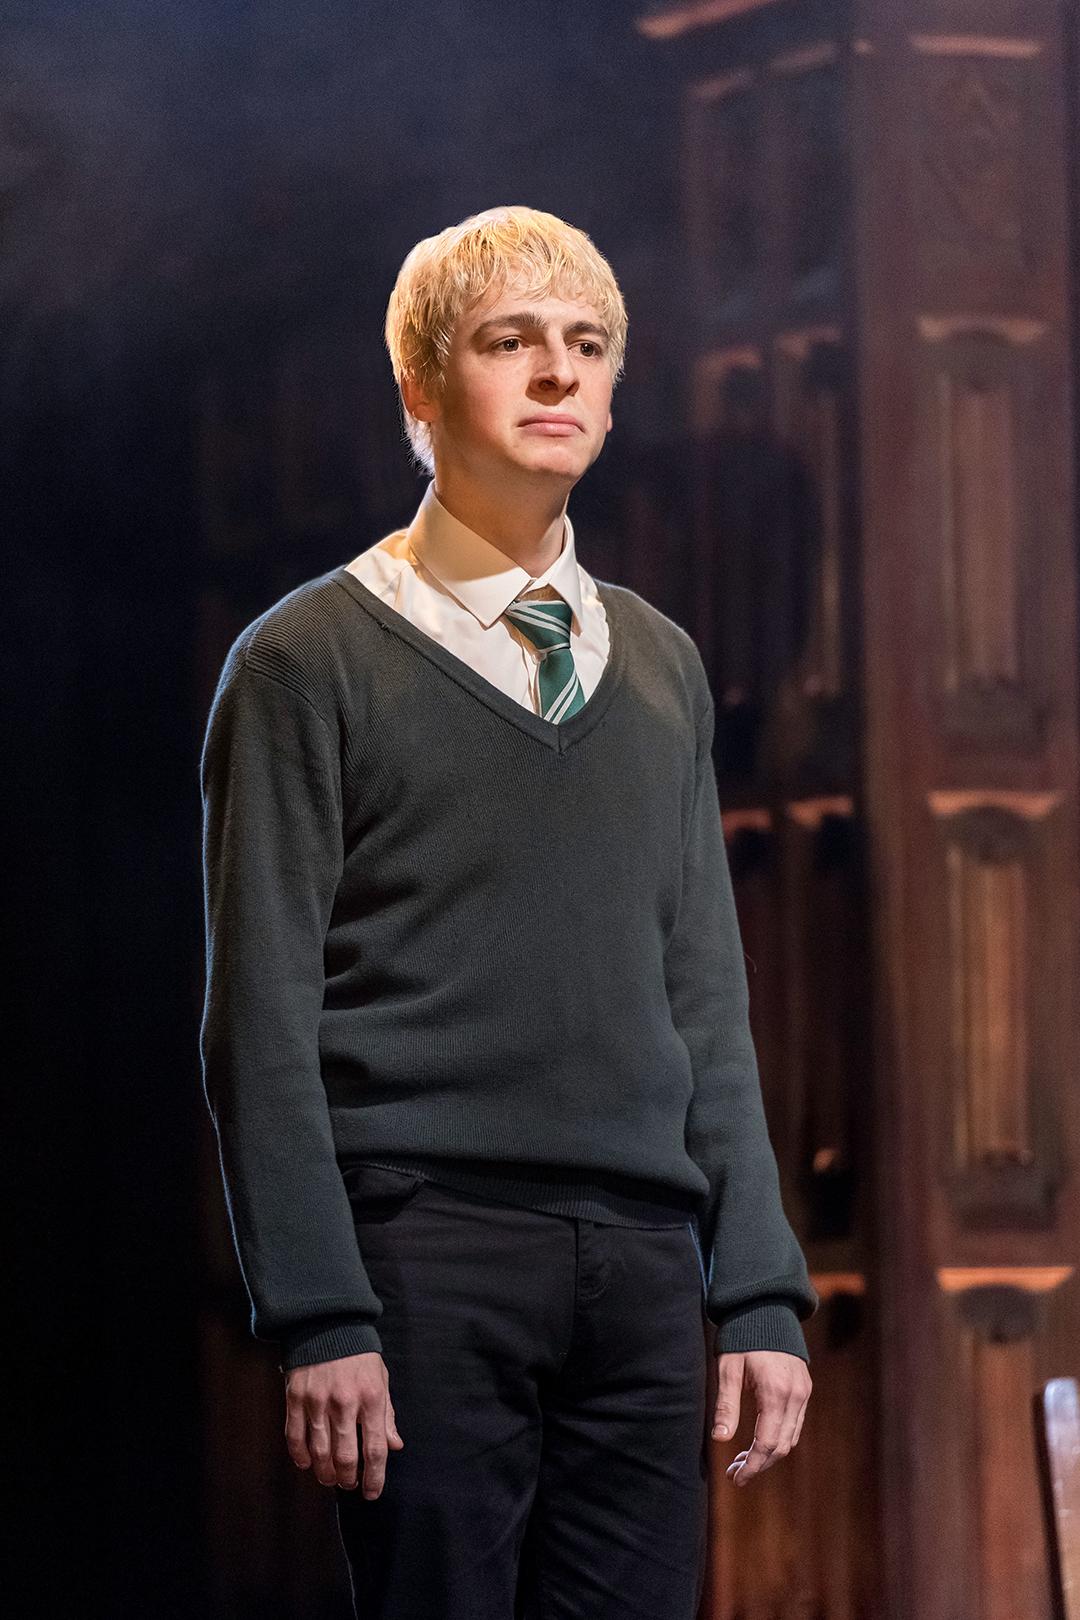 Escórpio Malfoy, bravo, parece molhado nos corredores de Hogwarts.